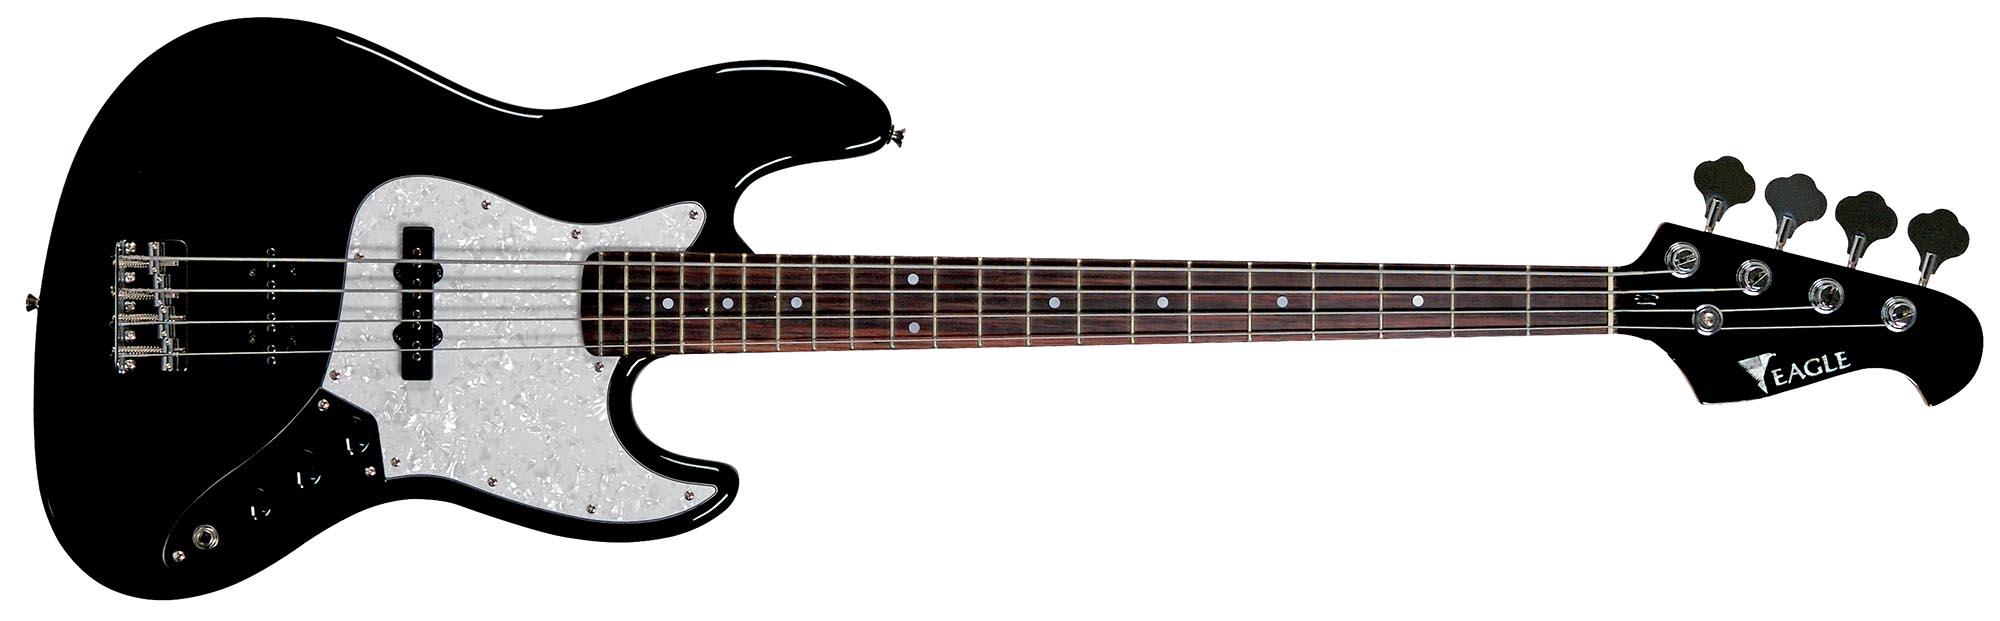 sjb005 baixo eletrico 4 cordas jazz bass eagle sjb005 bk preto visao frontal